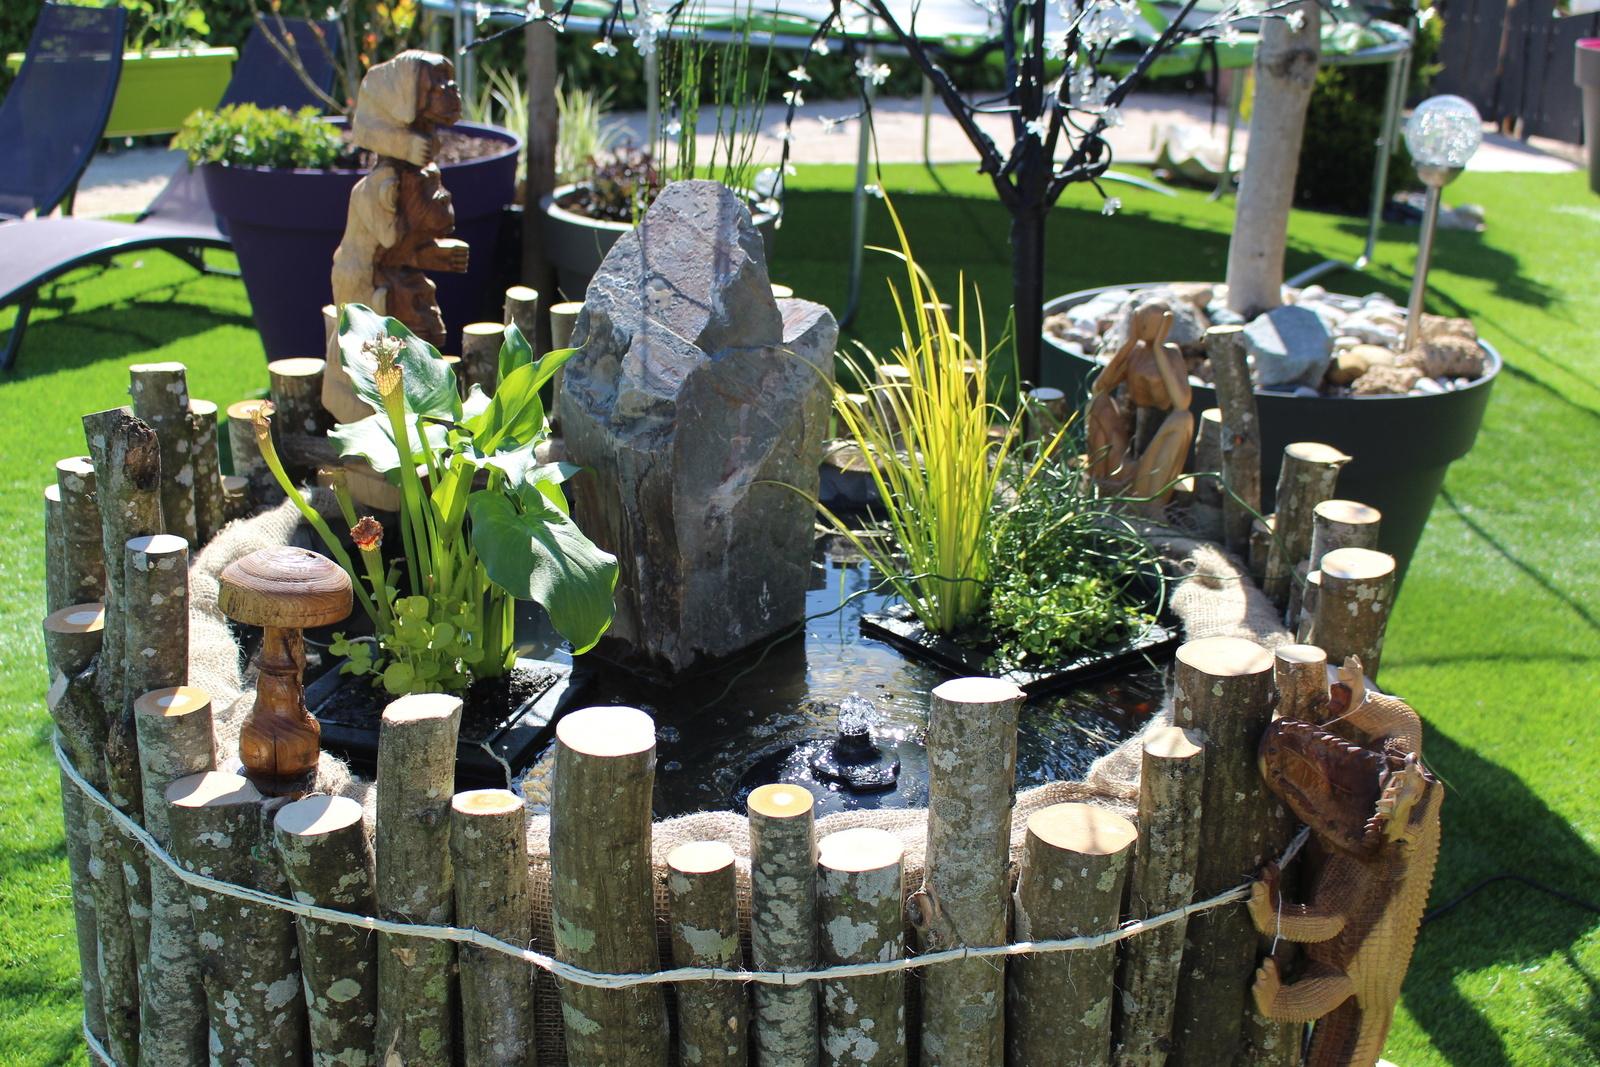 Bassin Pour Petit Jardin - Canalcncarauca à Petit Bassin Pour Jardin